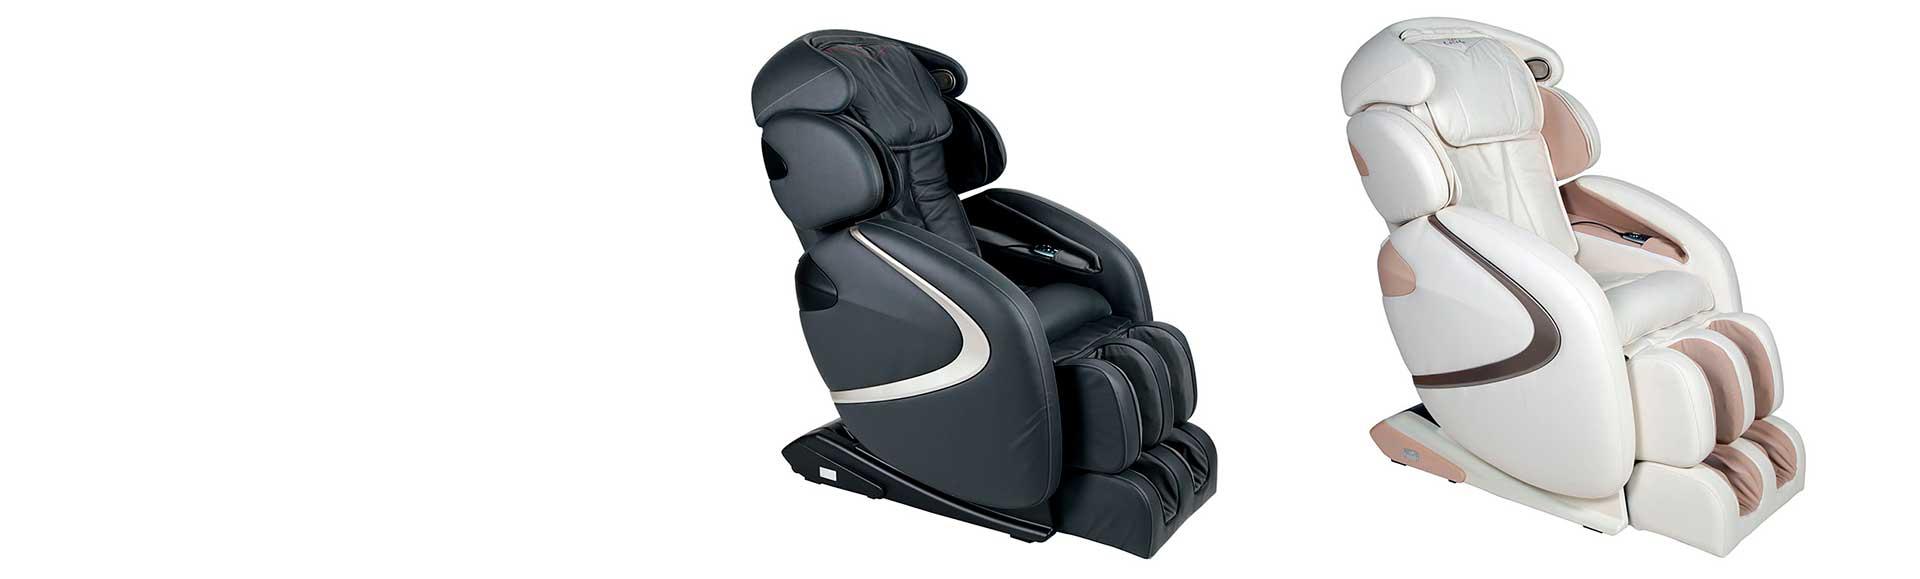 Ідеальне масажне крісло в 2 рази дешевше аналогів